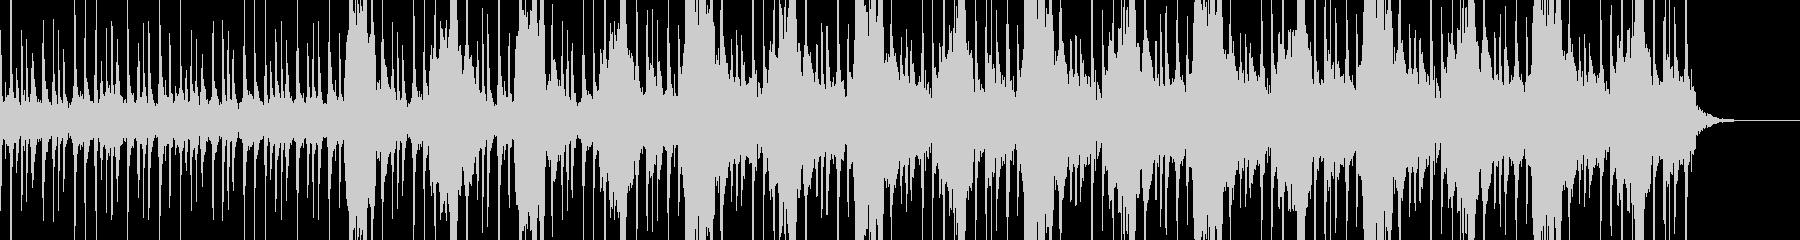 ジャングルをイメージした不思議な民族音楽の未再生の波形